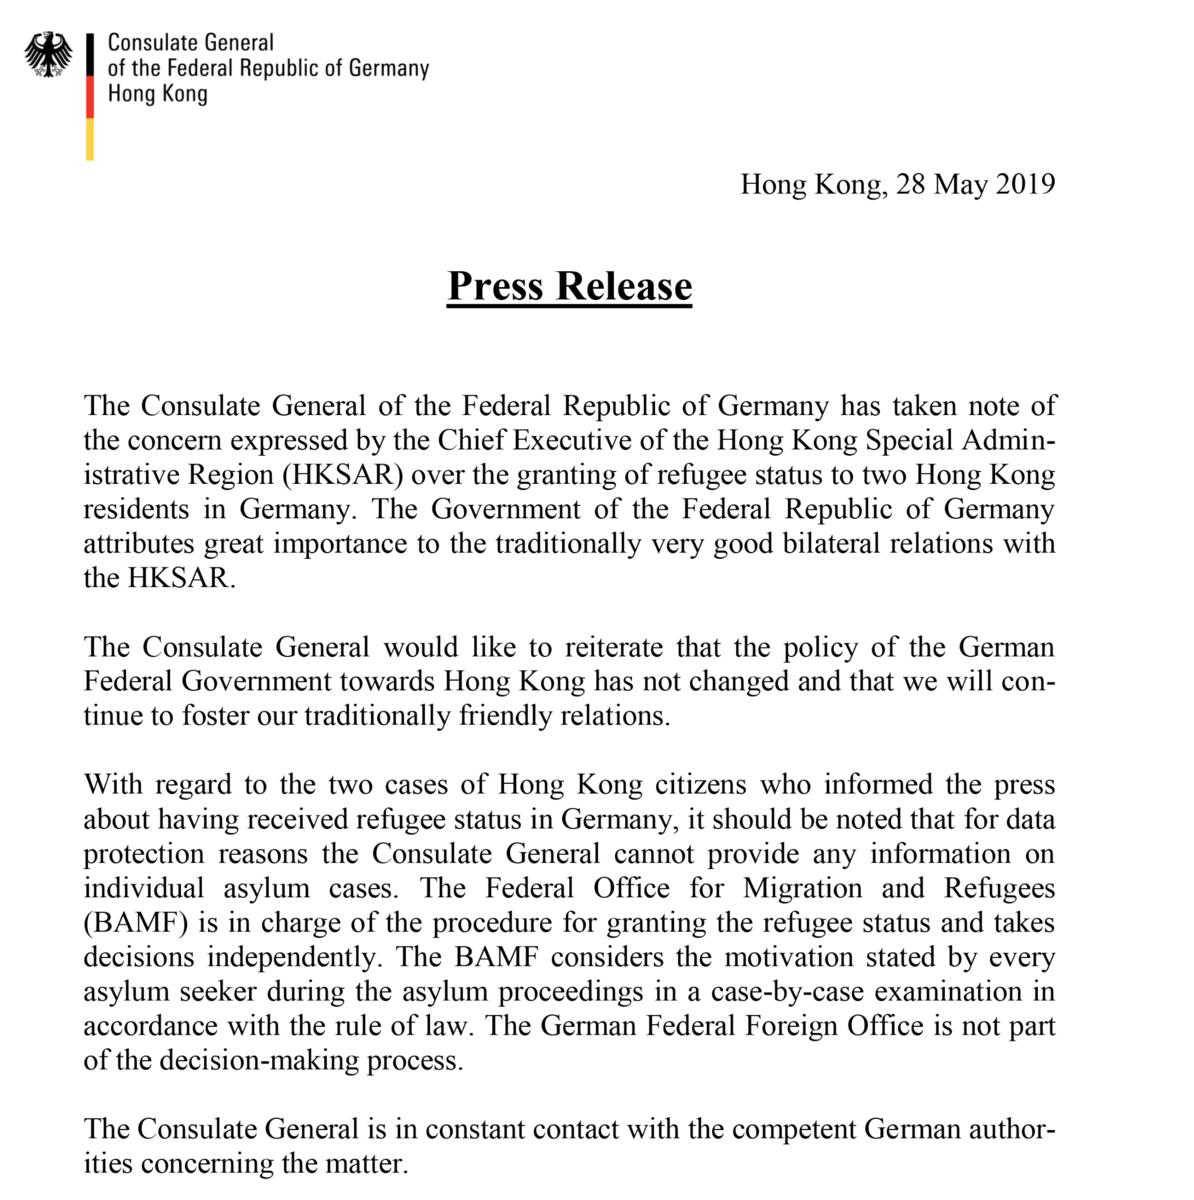 德國總領事館新聞稿。(網頁截圖)